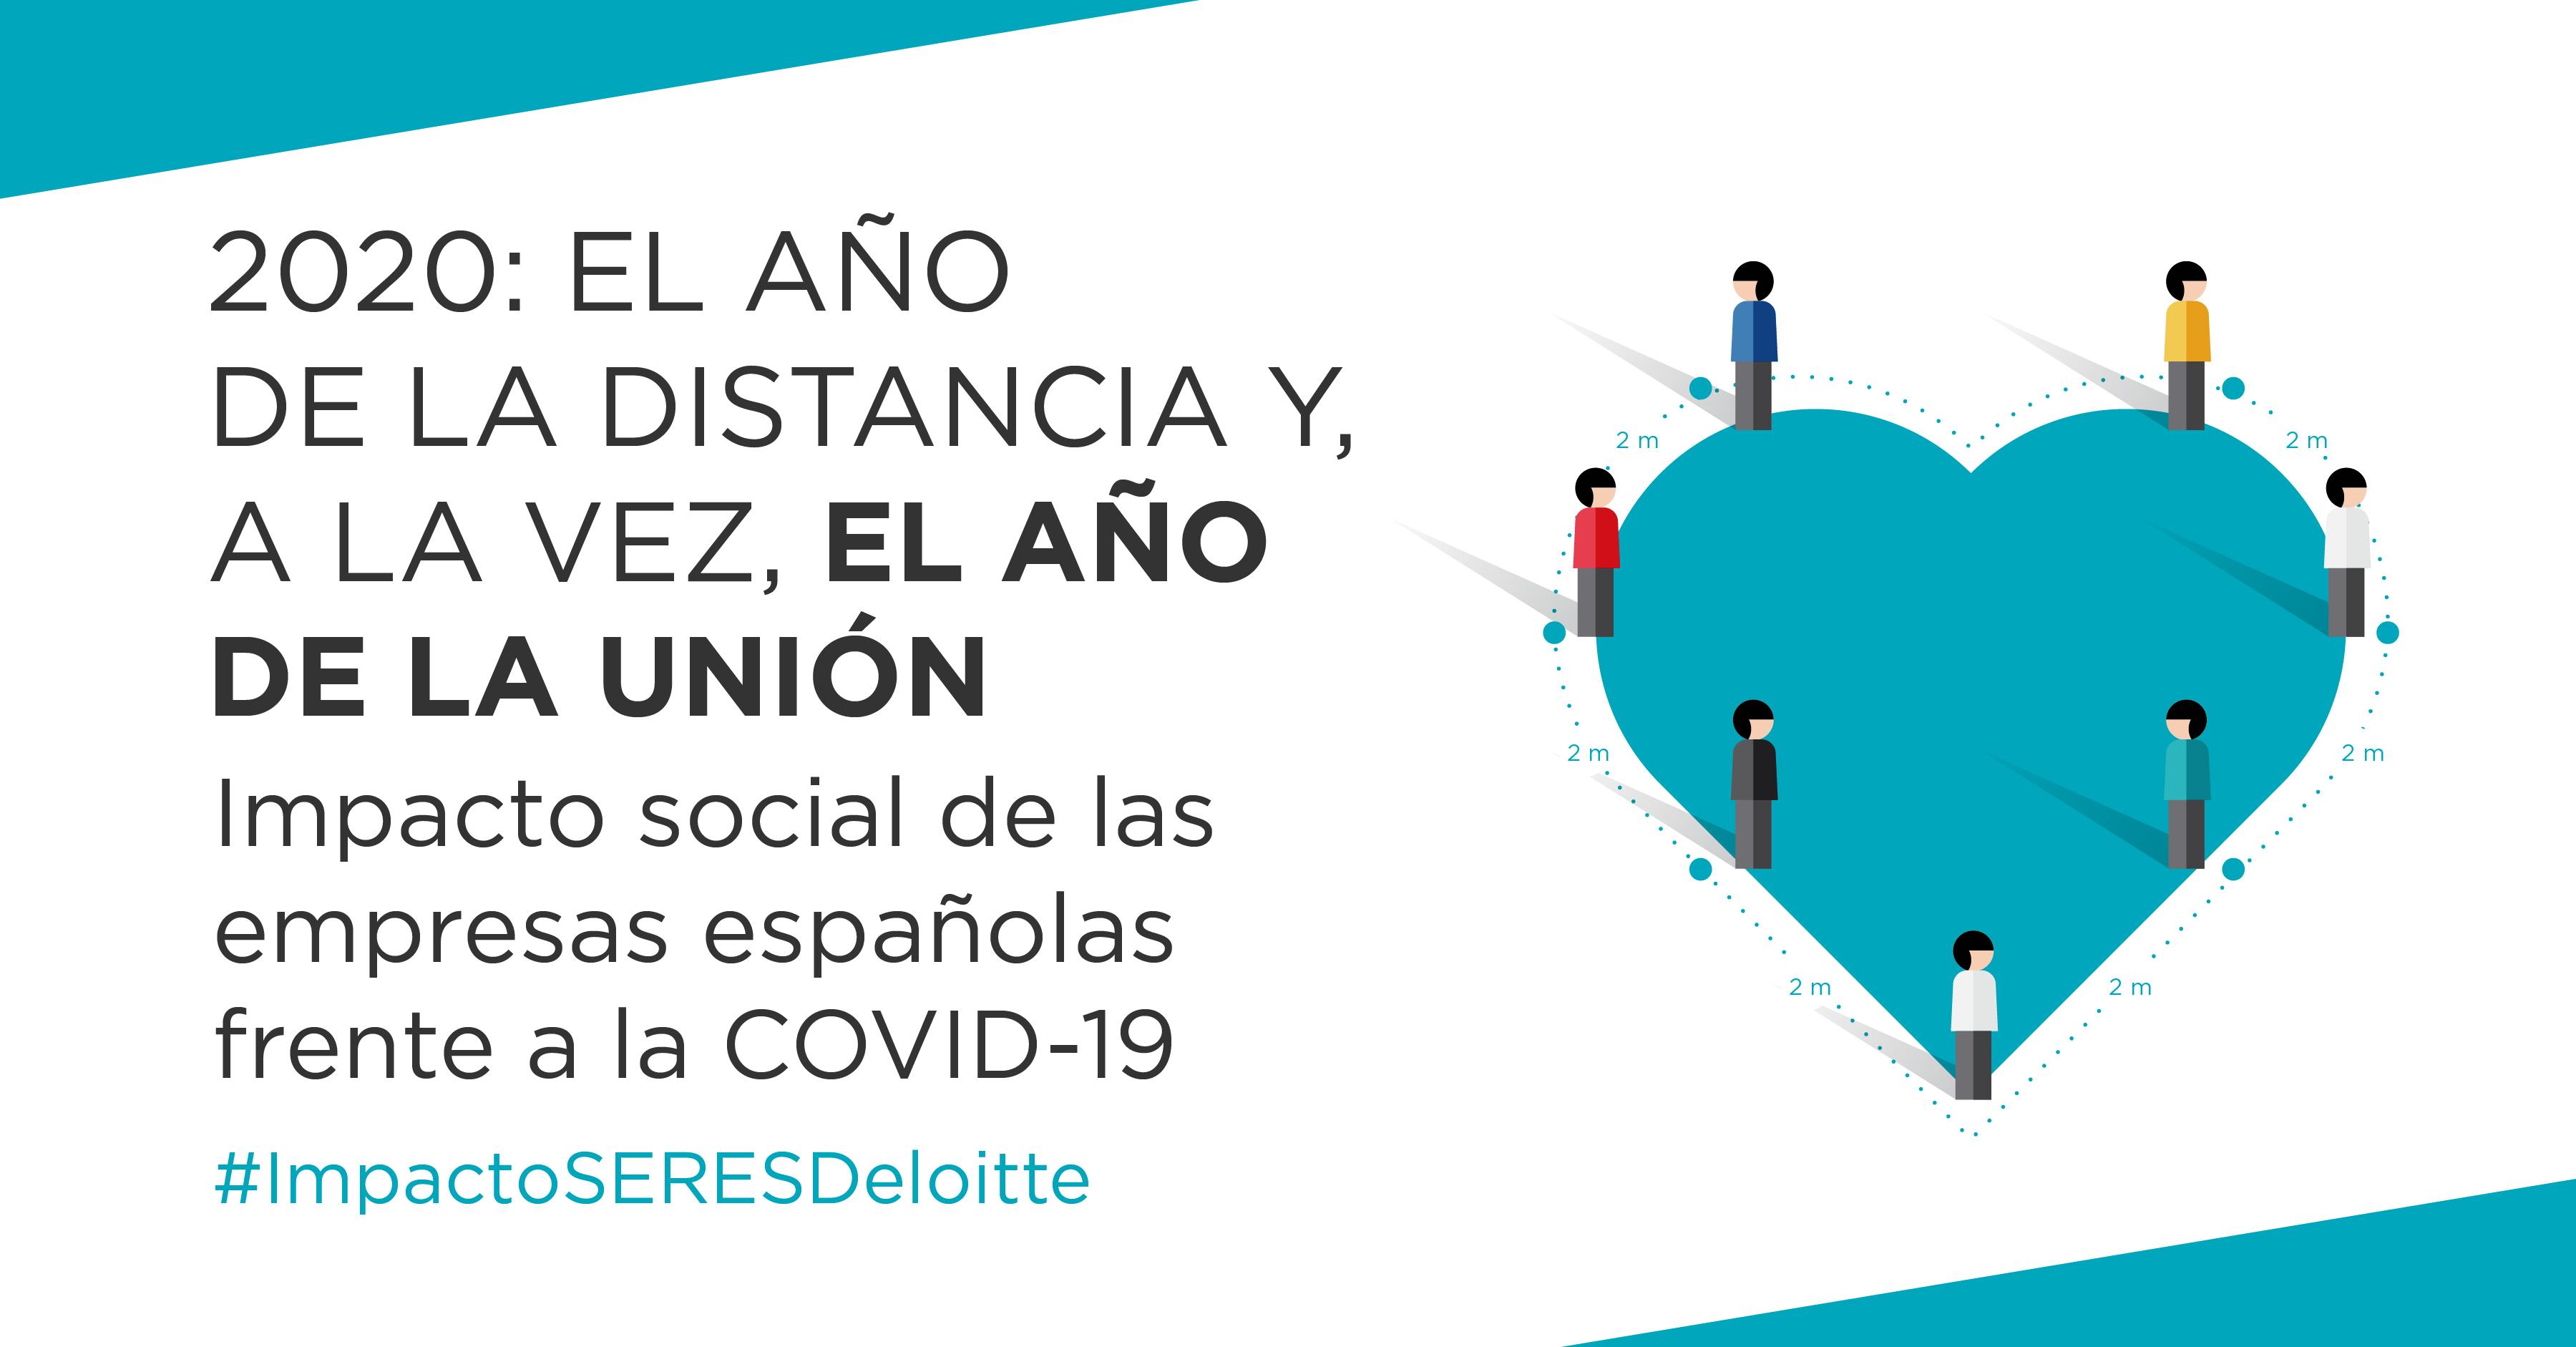 colaboracion empresarial ante la COVID 19